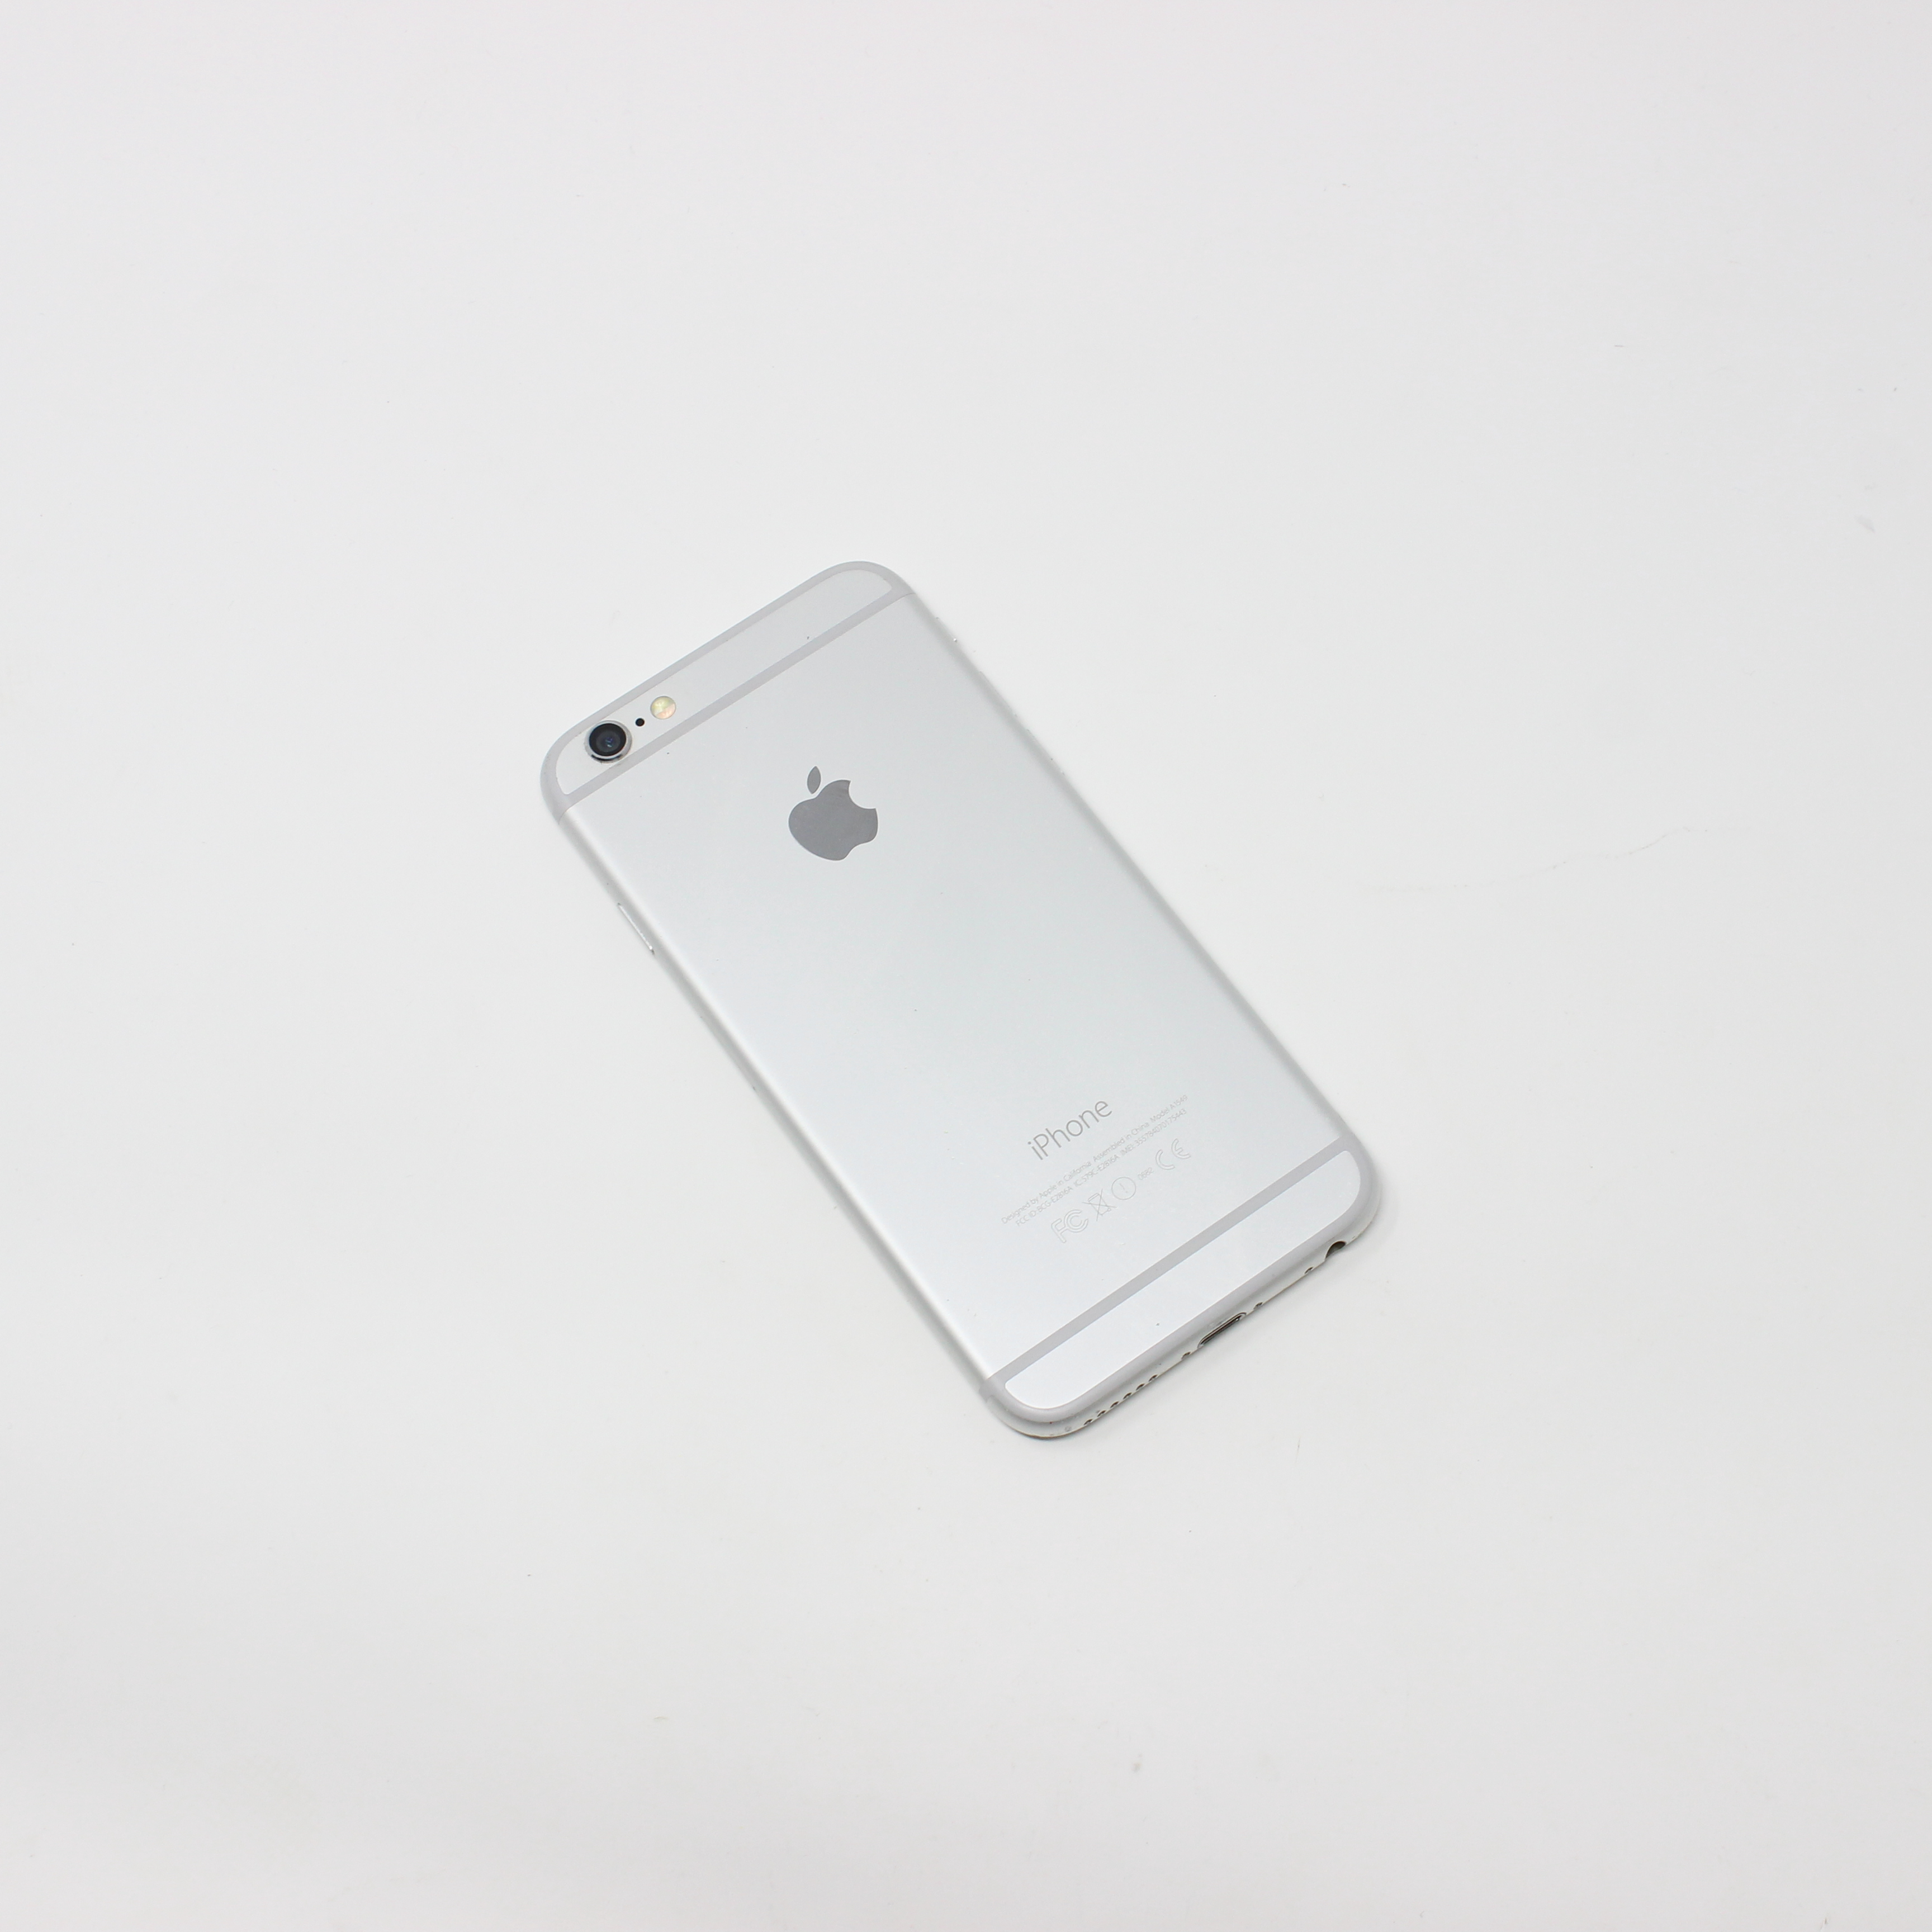 iPhone 6 64GB Silver - AT&T photo 3 | UpTradeit.com